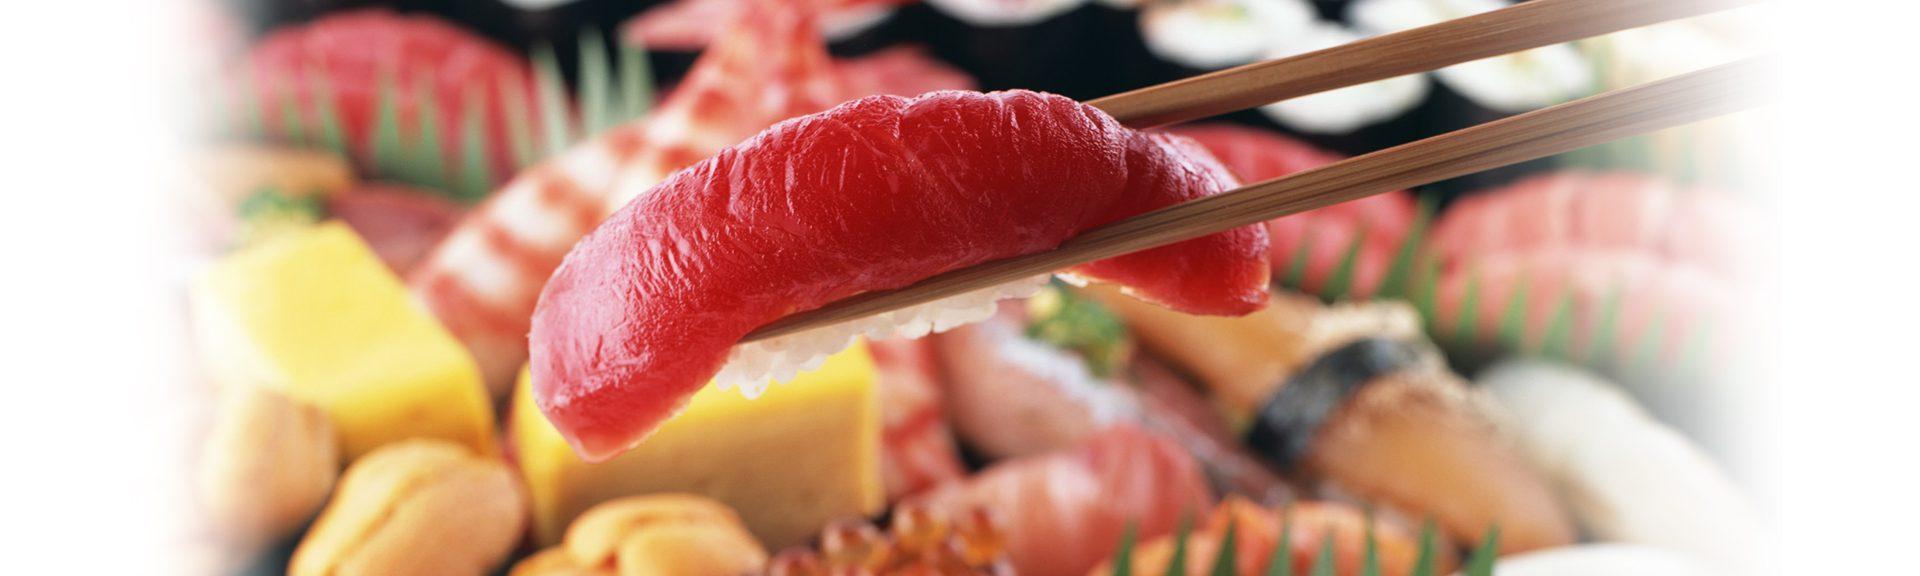 寿司酢への拘り・・・ さらにおいしさを求めて江戸時代から続く昔ながらの静置醗酵法によって半年から三年の間じっくりと醗酵熟成した、まろやかな米酢に砂糖、日高昆布、天然塩を加え味に一段と深い旨味とコクを引き出し、シャリの旨味をさらに引き立たせました。